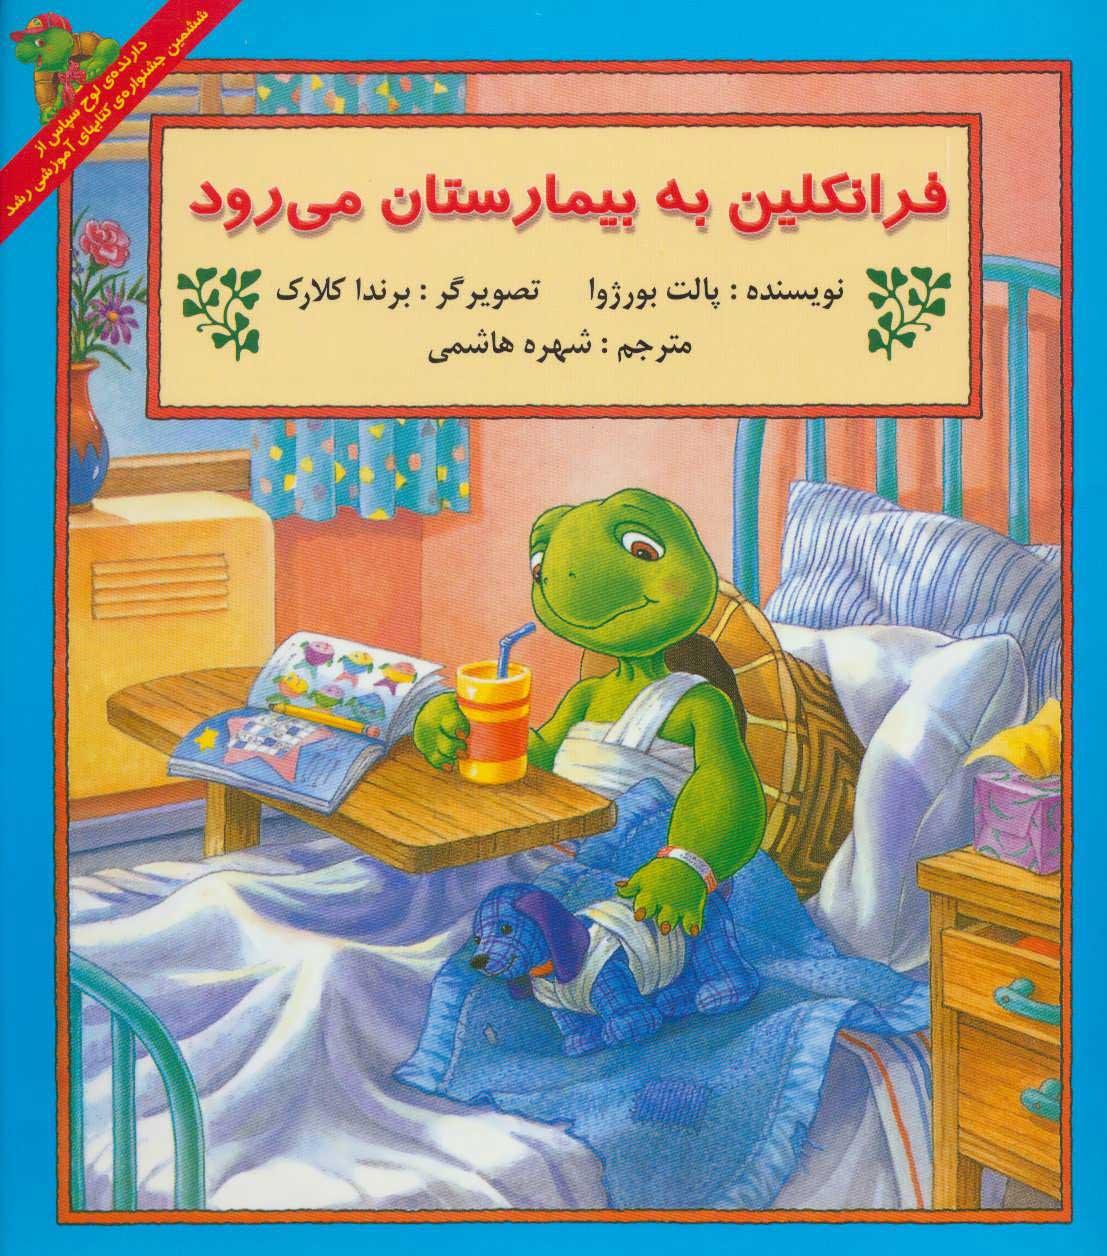 کتاب فرانکلین به بیمارستان می رود